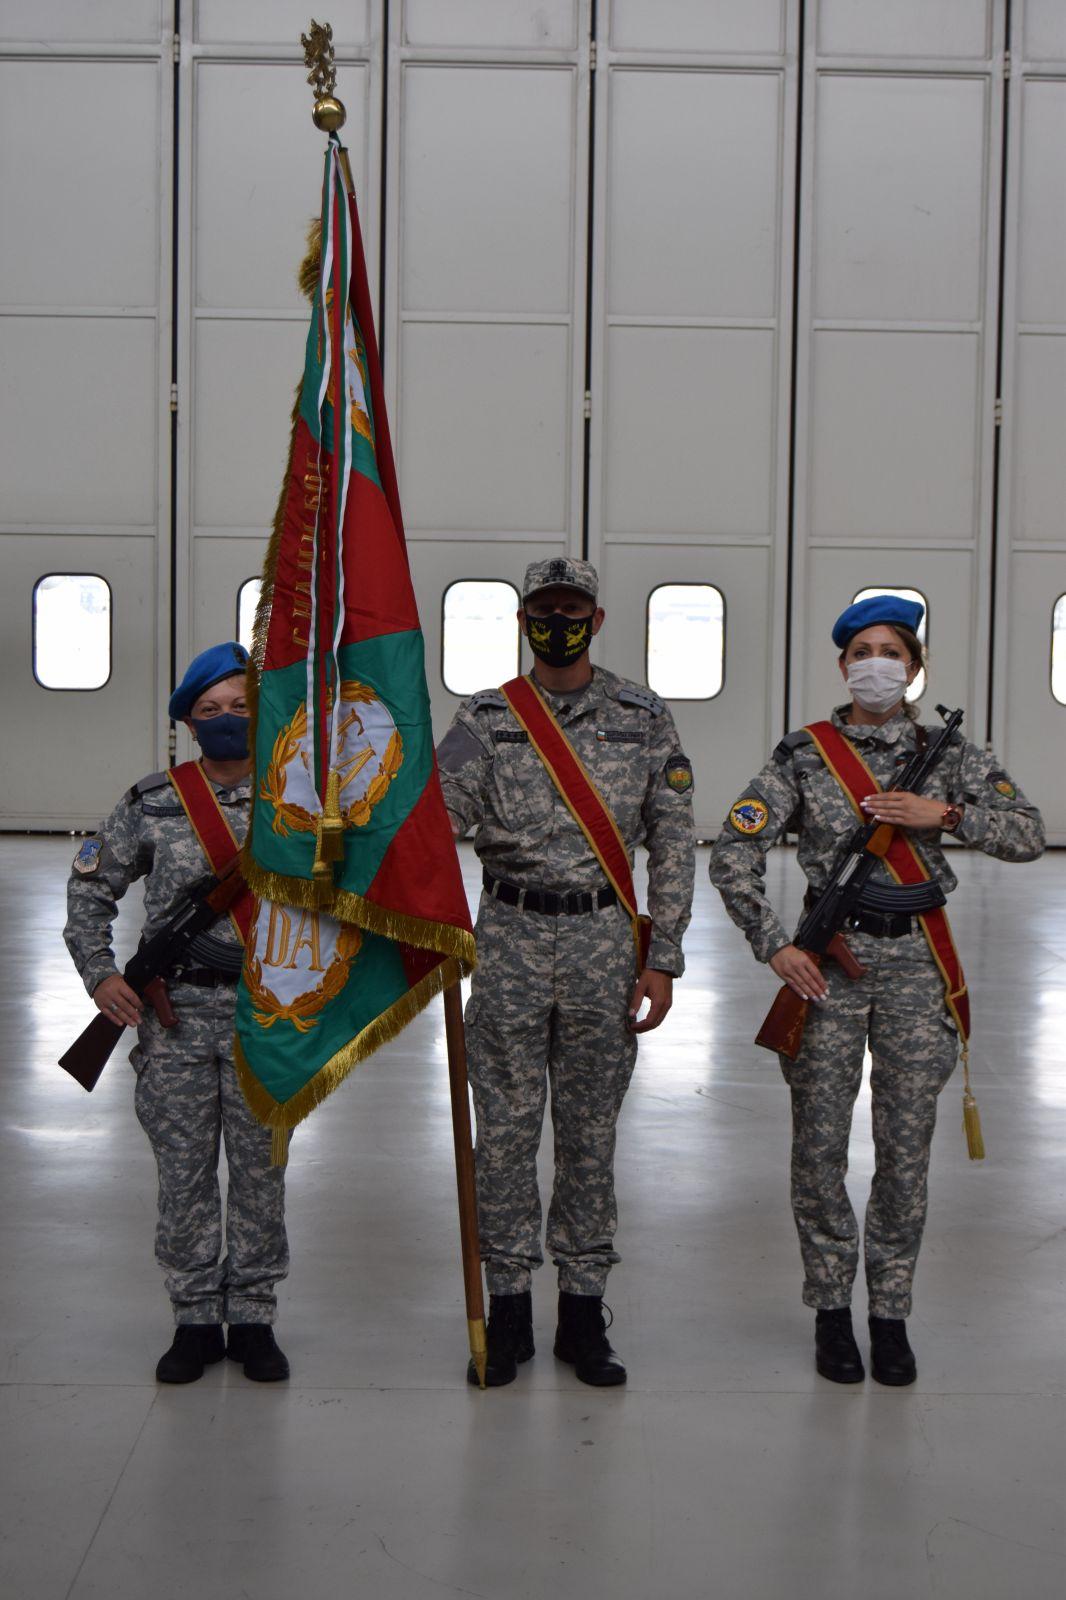 73 години военнотранспортно формирование в България и 68 години от създаването на 16-и транспортен авиополк (ОГРОМНА ЕКСКЛУЗИВНА ПРАЗНИЧНА ГАЛЕРИЯ)